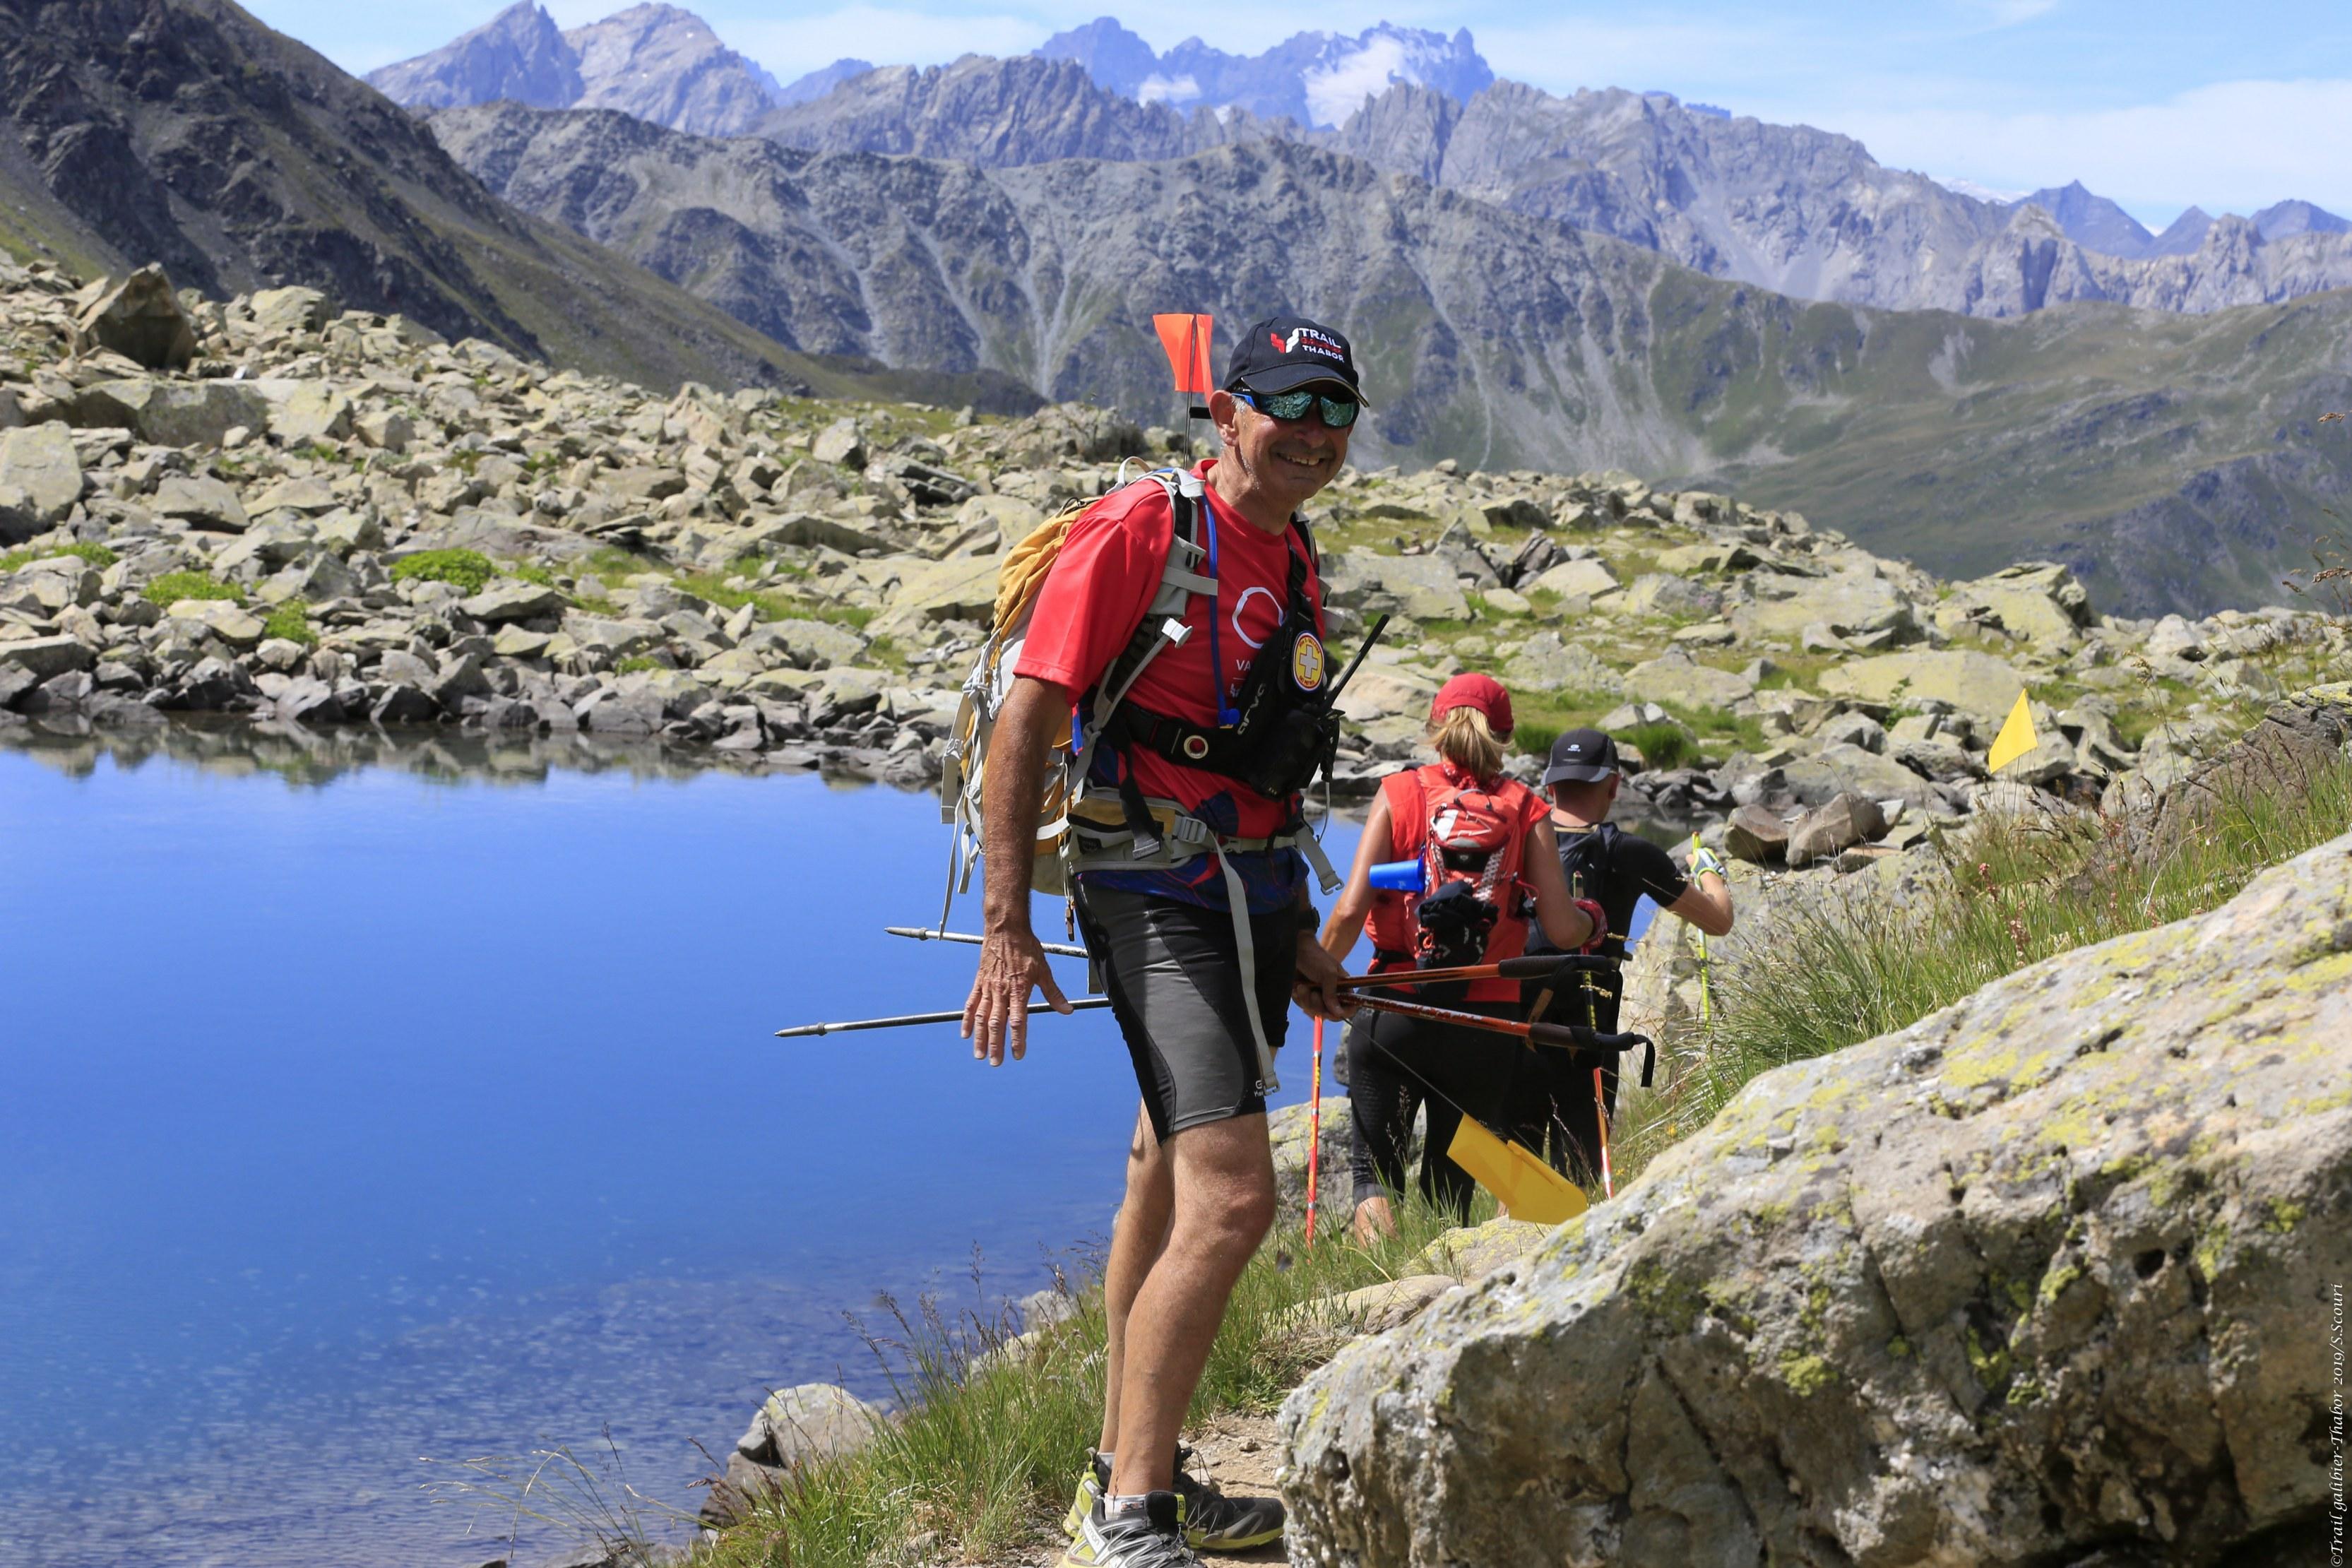 Mimile bénévole Trail Galibier-Thabor